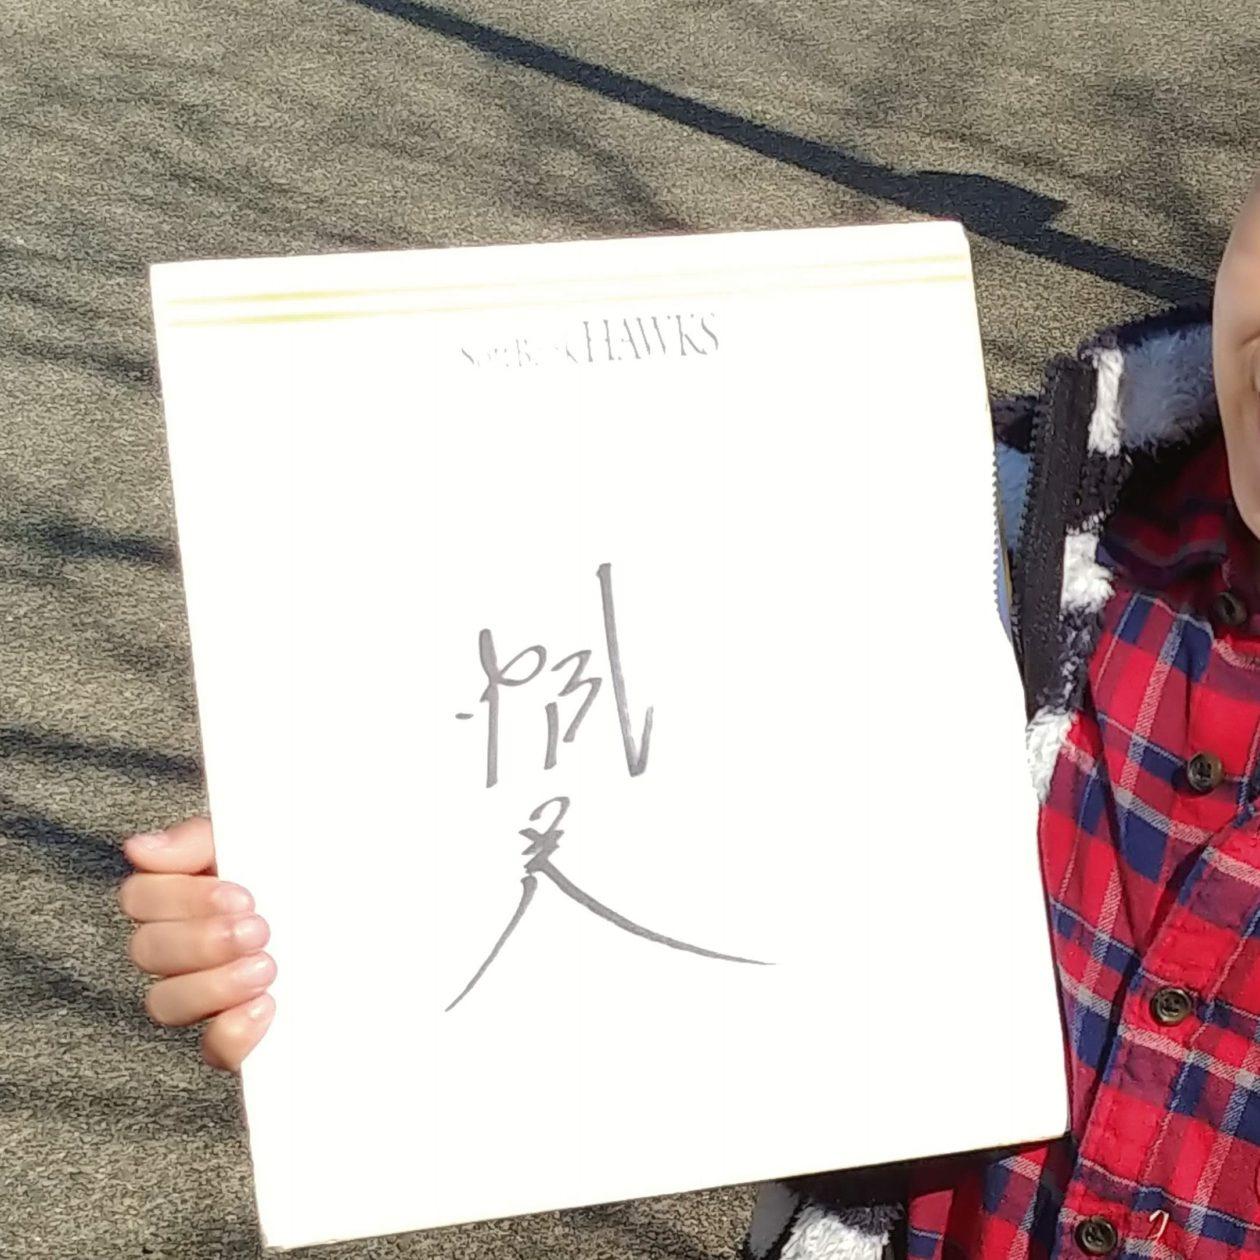 写真:帆足元投手のサインをもらって喜ぶ息子